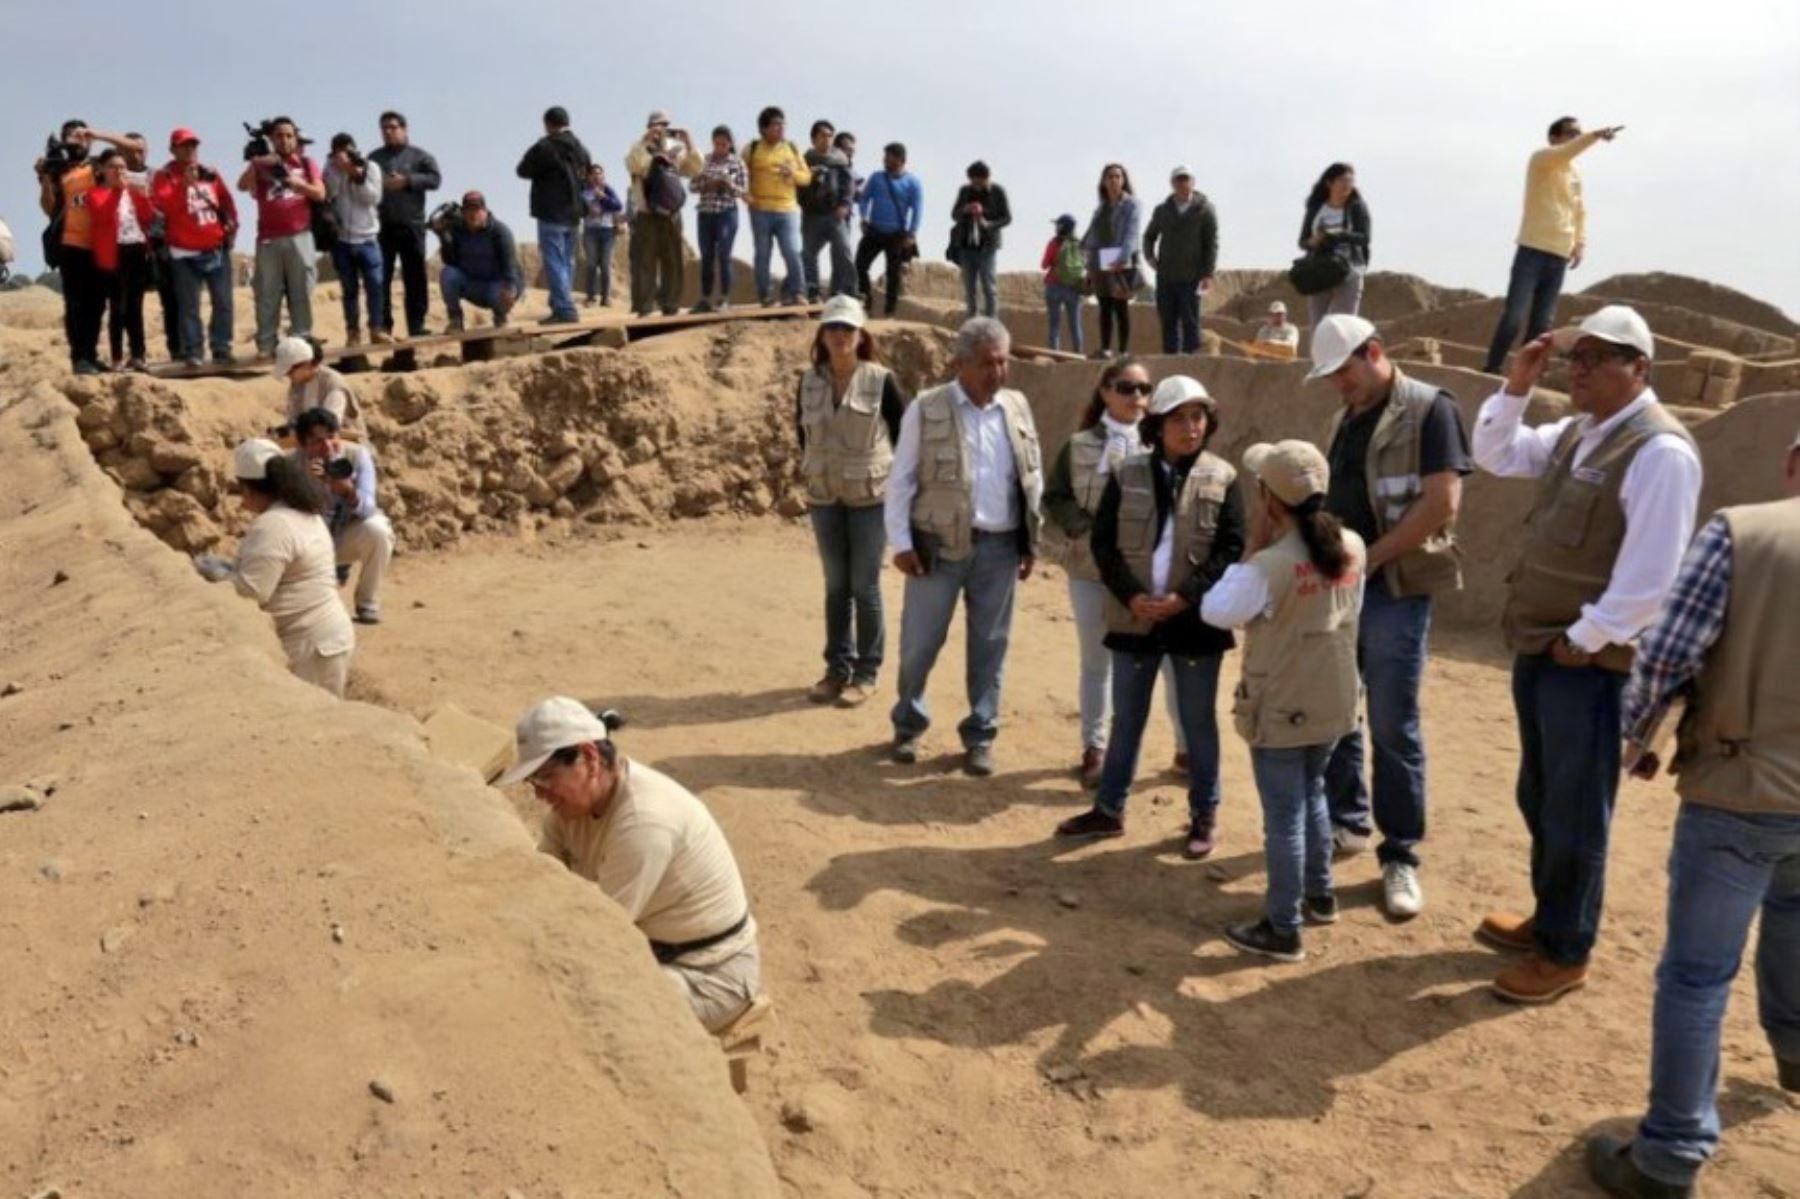 La ministra de Cultura, Patricia Balbuena, visita el complejo arqueológico de Chan Chan para conocer las decoraciones murales descubiertas recientemente por los investigadores que laboran en la ciudadela de barro más grande del mundo, declarada Patrimonio de la Humanidad por la Unesco.